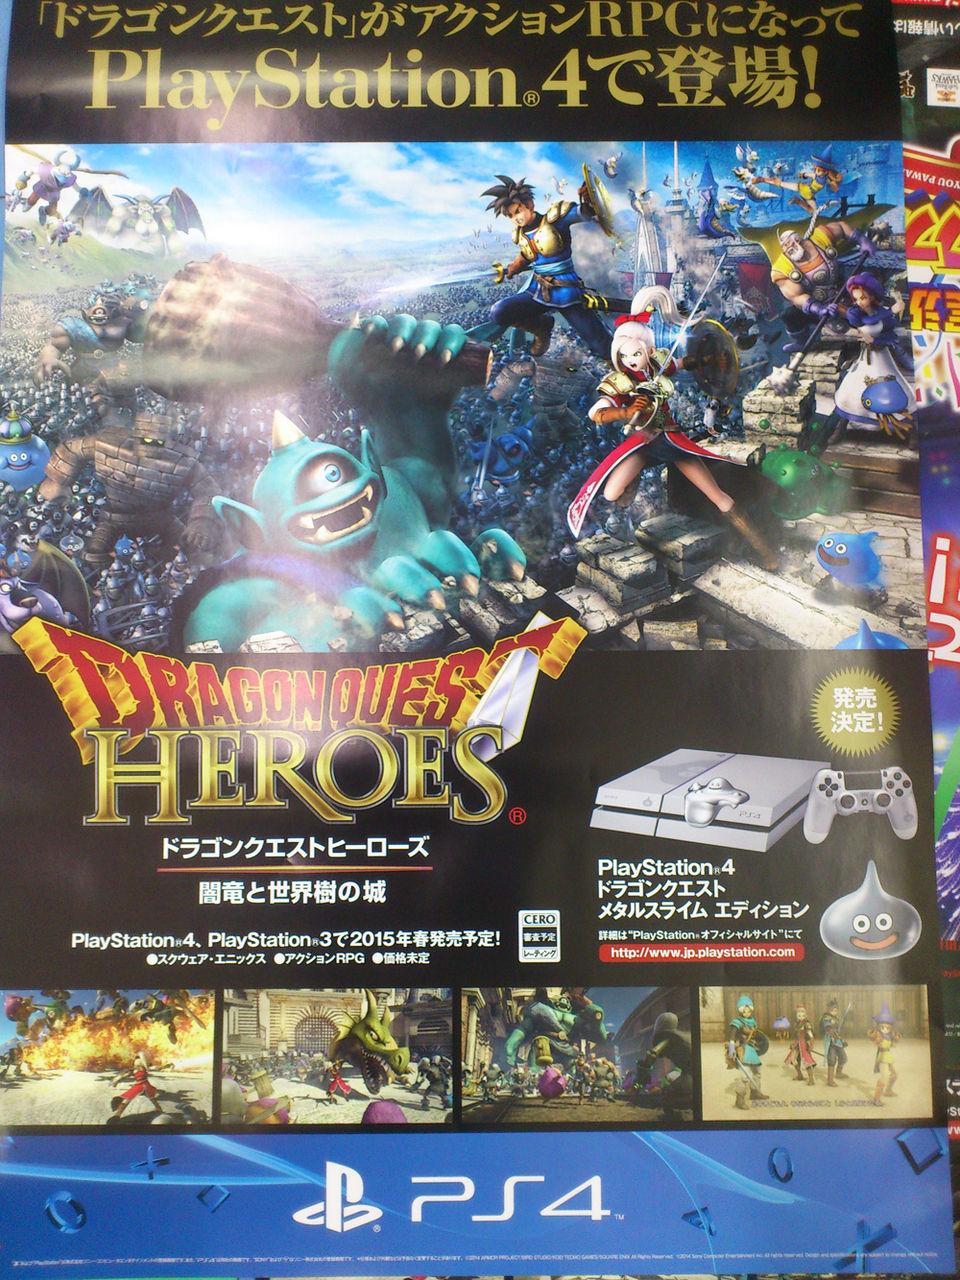 【速報】 PS4「ドラクエ ヒーローズ」のポスターが届く こりゃ確実に売れますわ 阿呆に